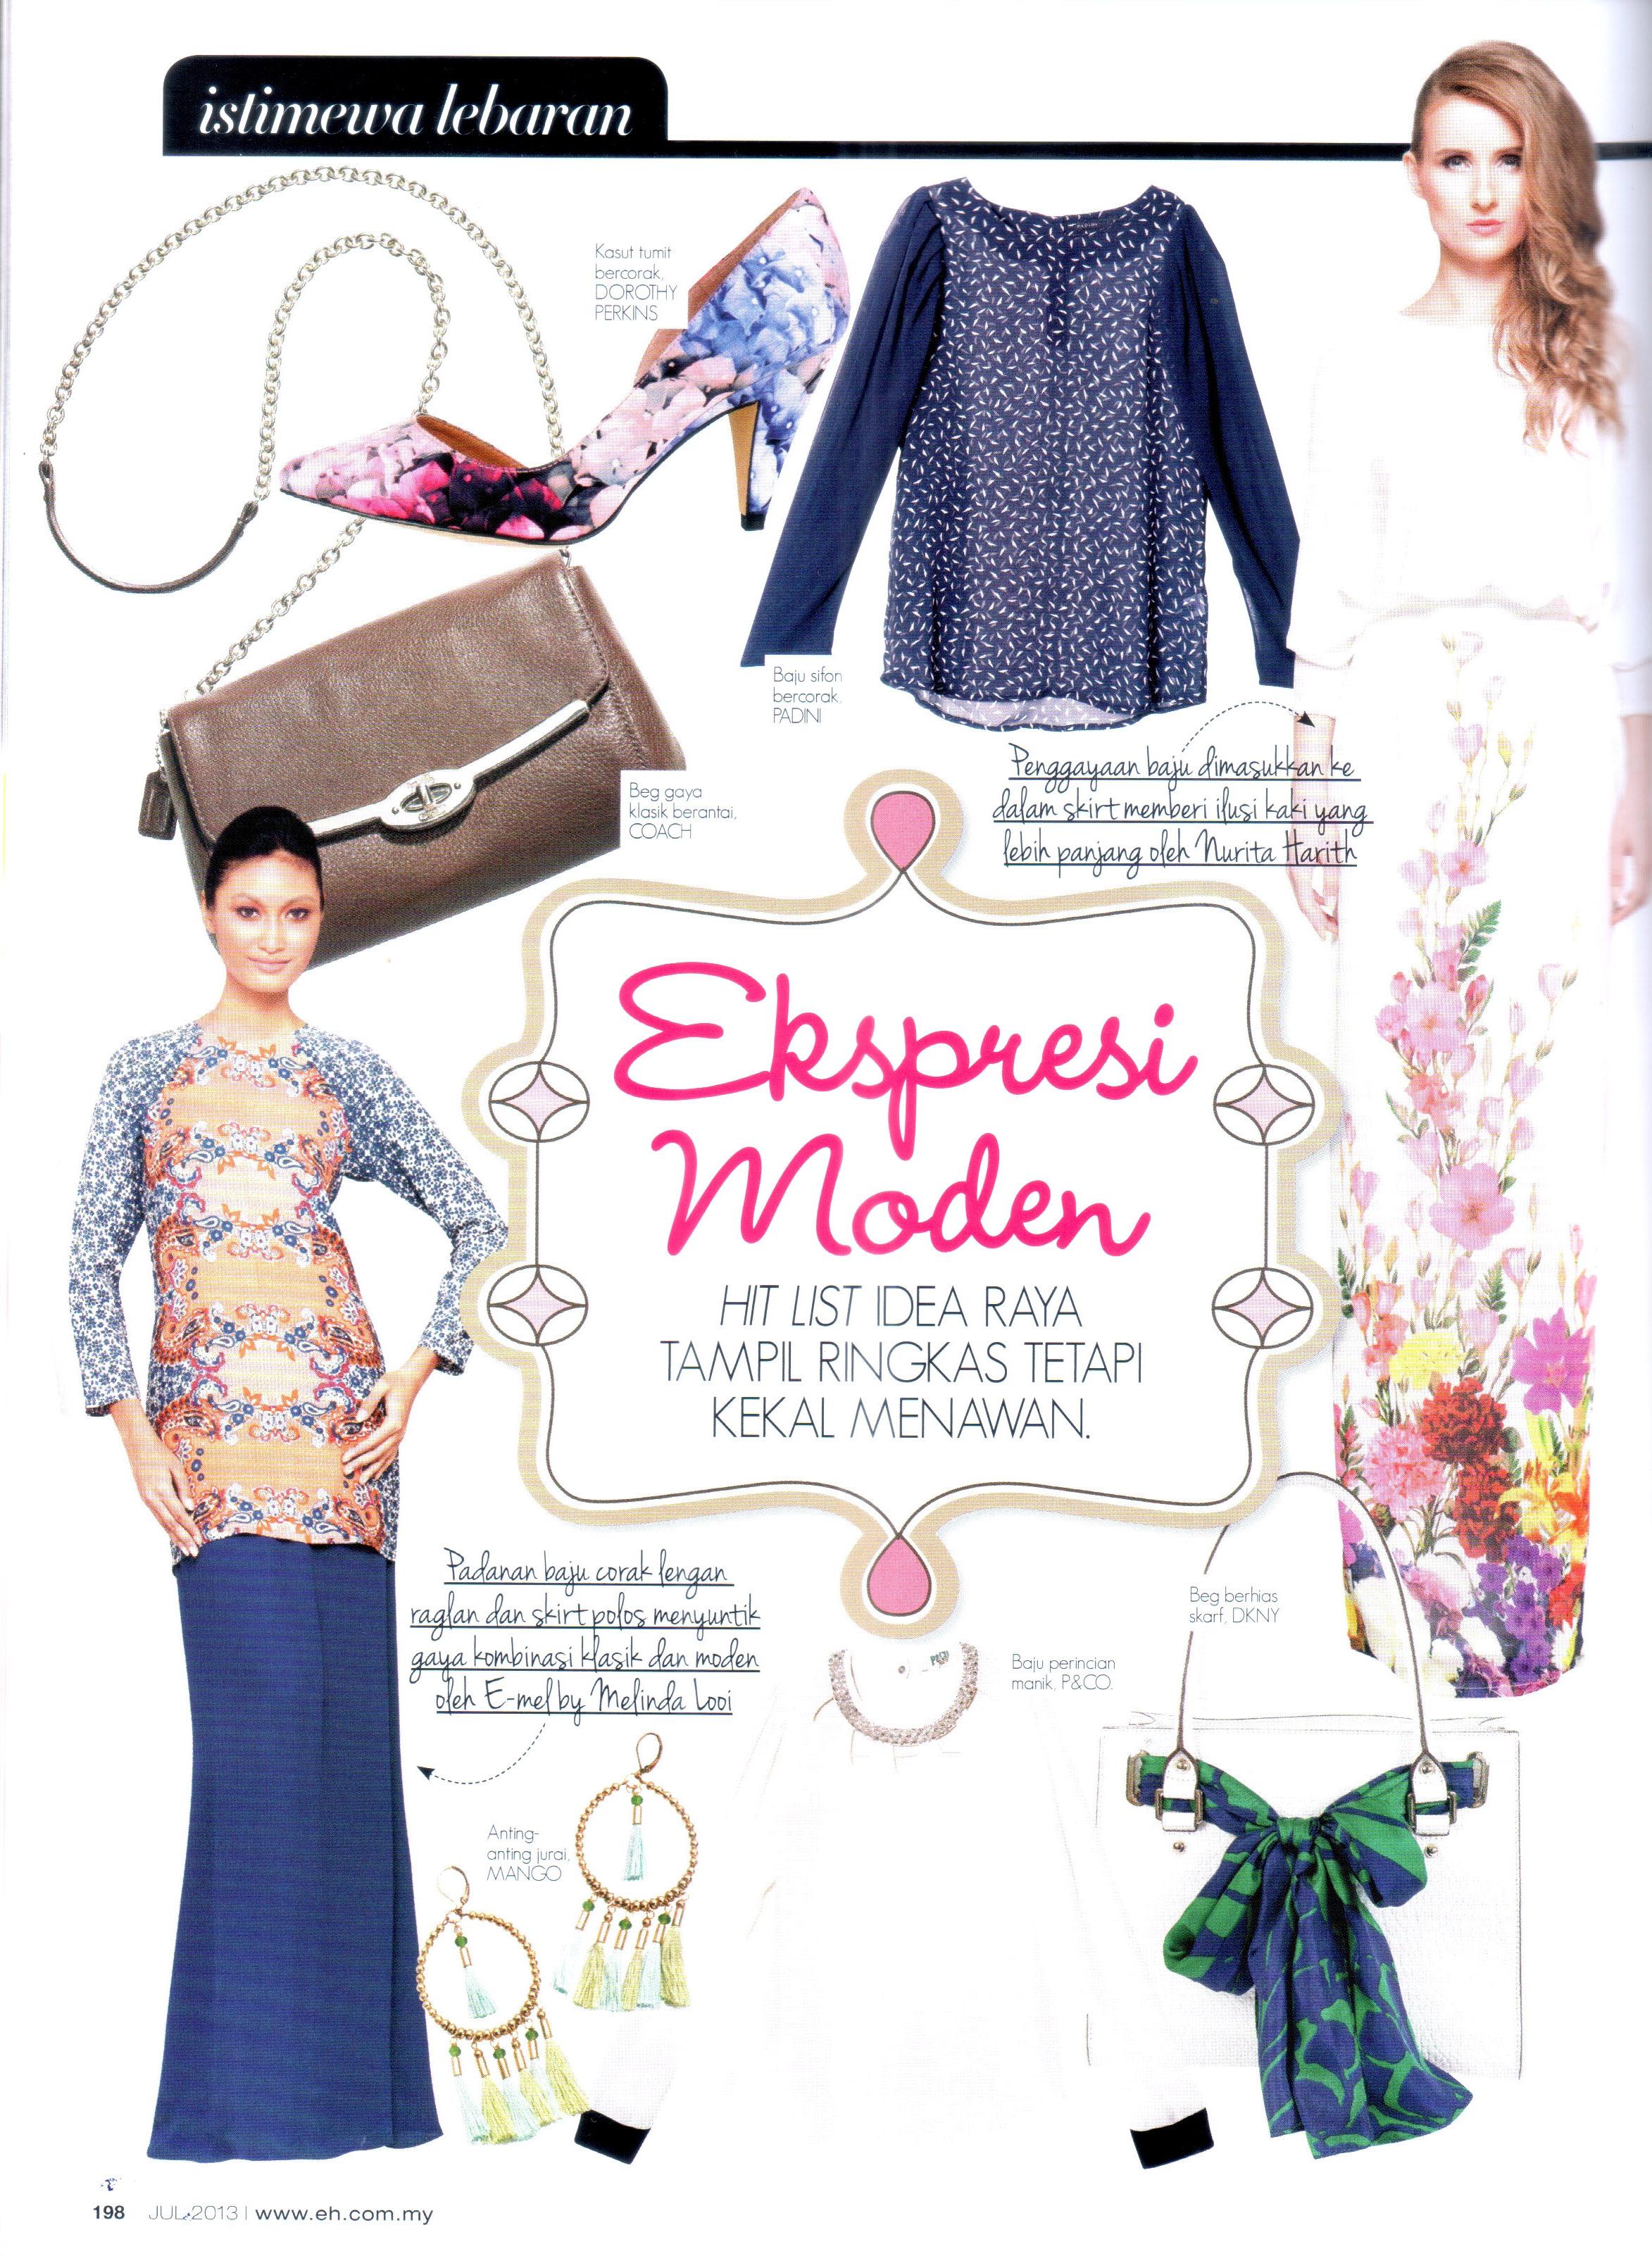 eh! magazine july 2013 baju raya baju kurung moden